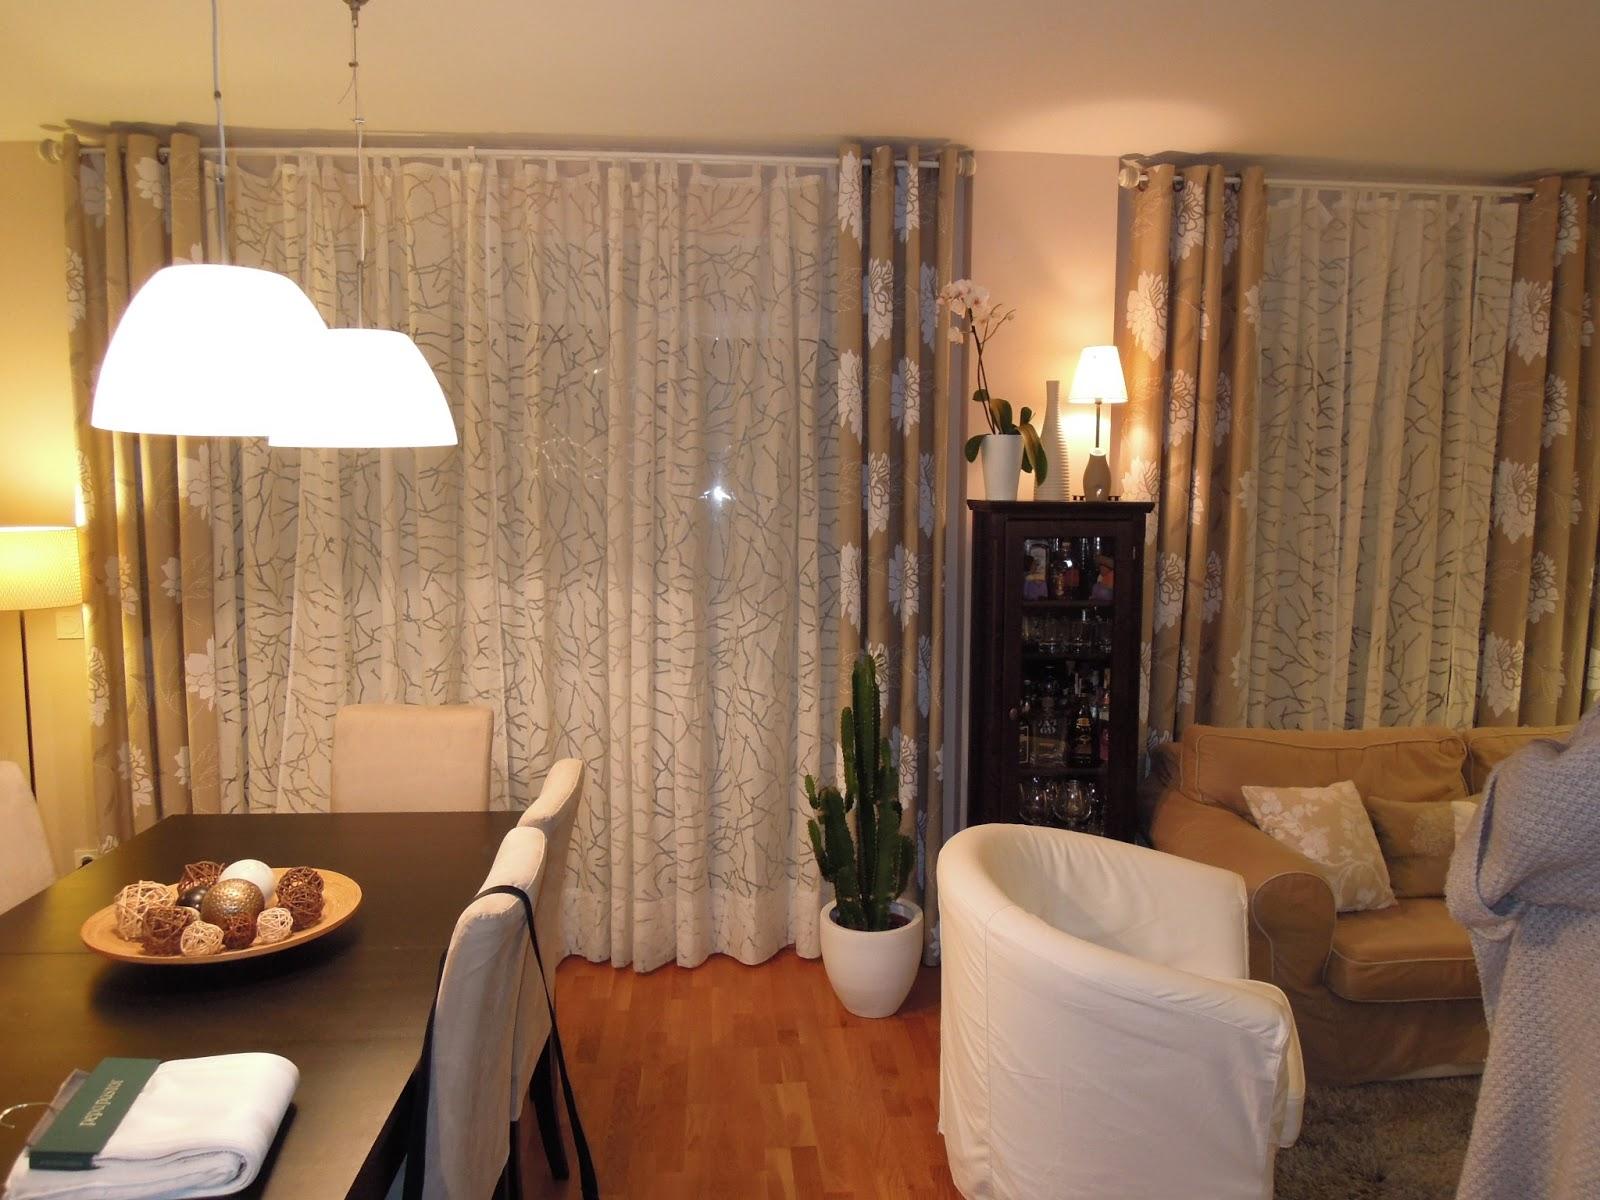 Fotos de cortinas salones 2012 - Cortinas de salon fotos ...